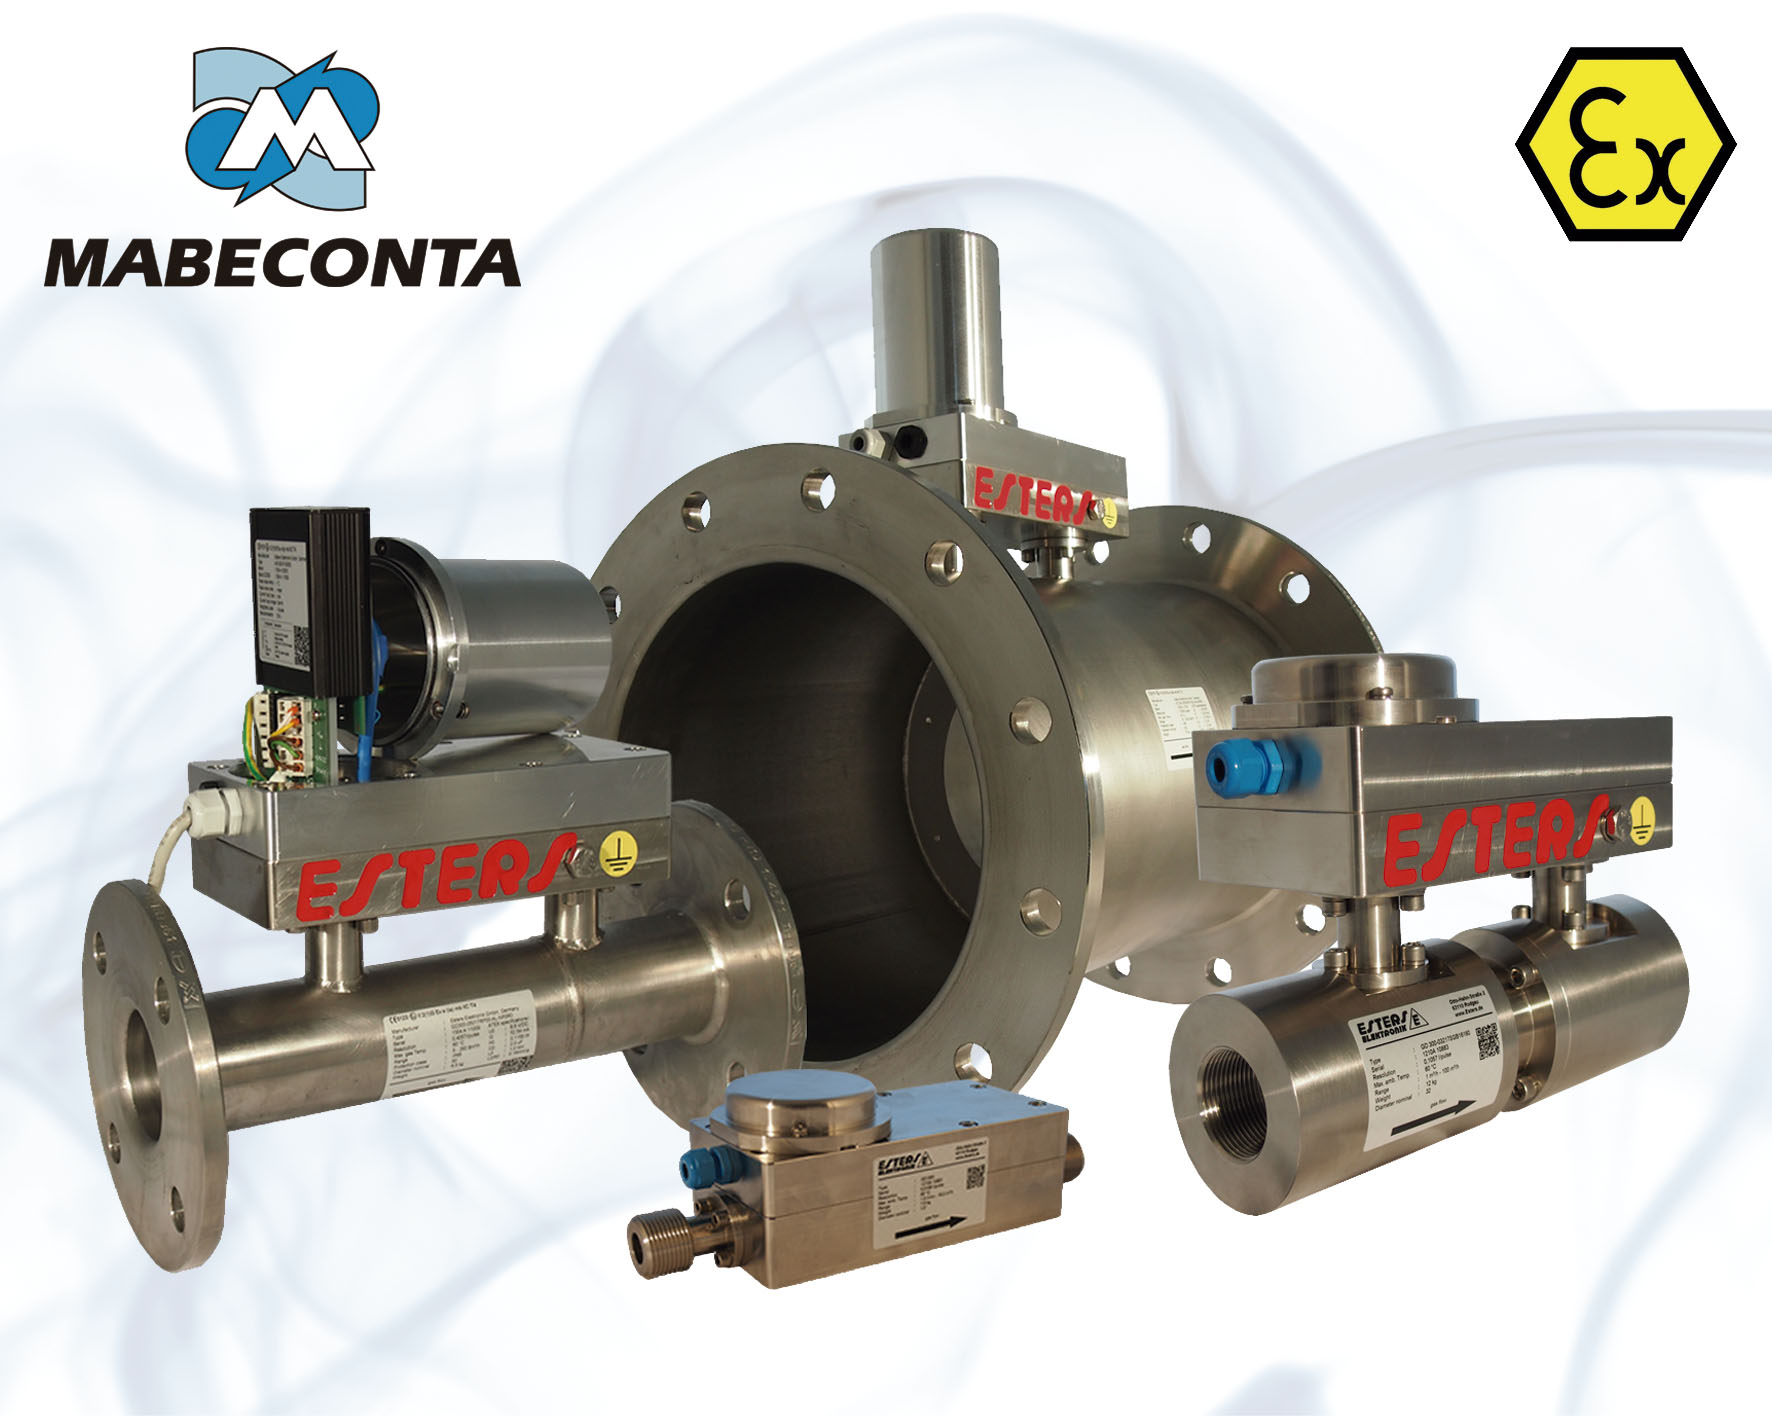 Medidores de gas GD 300 Y GD 500 Ex para medición de gases técnicos y médicos desde DN 15 hasta DN 400